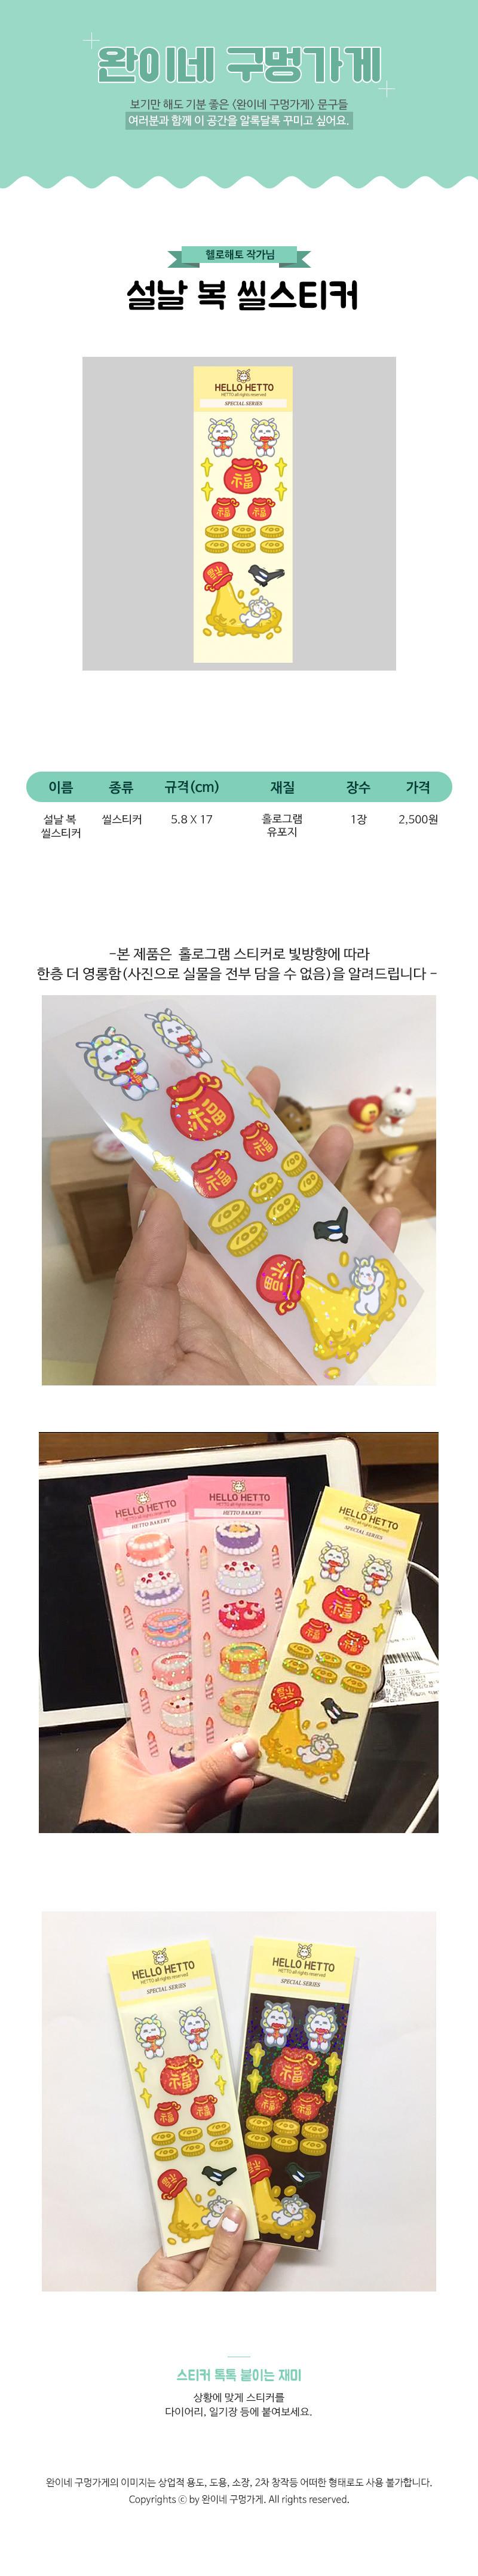 sticker534